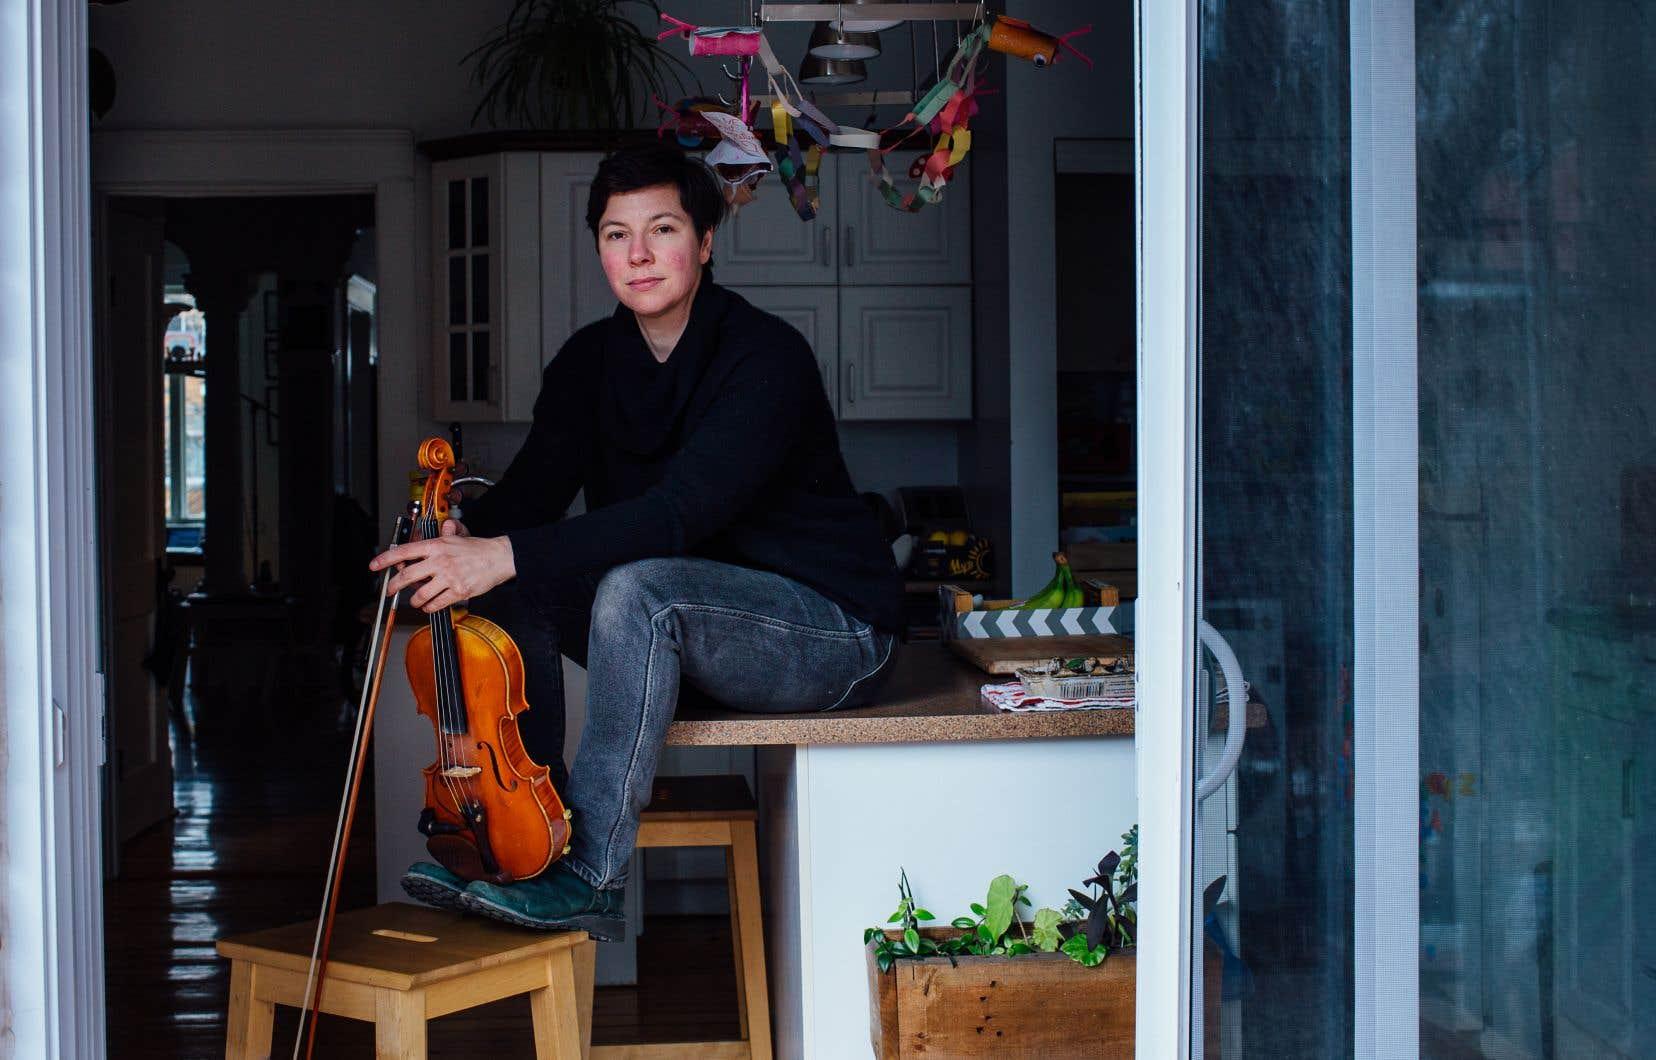 Sophie Trudeau a publié sur sa page Bandcamp «toute neuve» une superbe pièce instrumentale intitulée «week one day five» il y a deux semaines, premier chapitre d'un recueil qu'elle a intitulé «Confinement Songs».